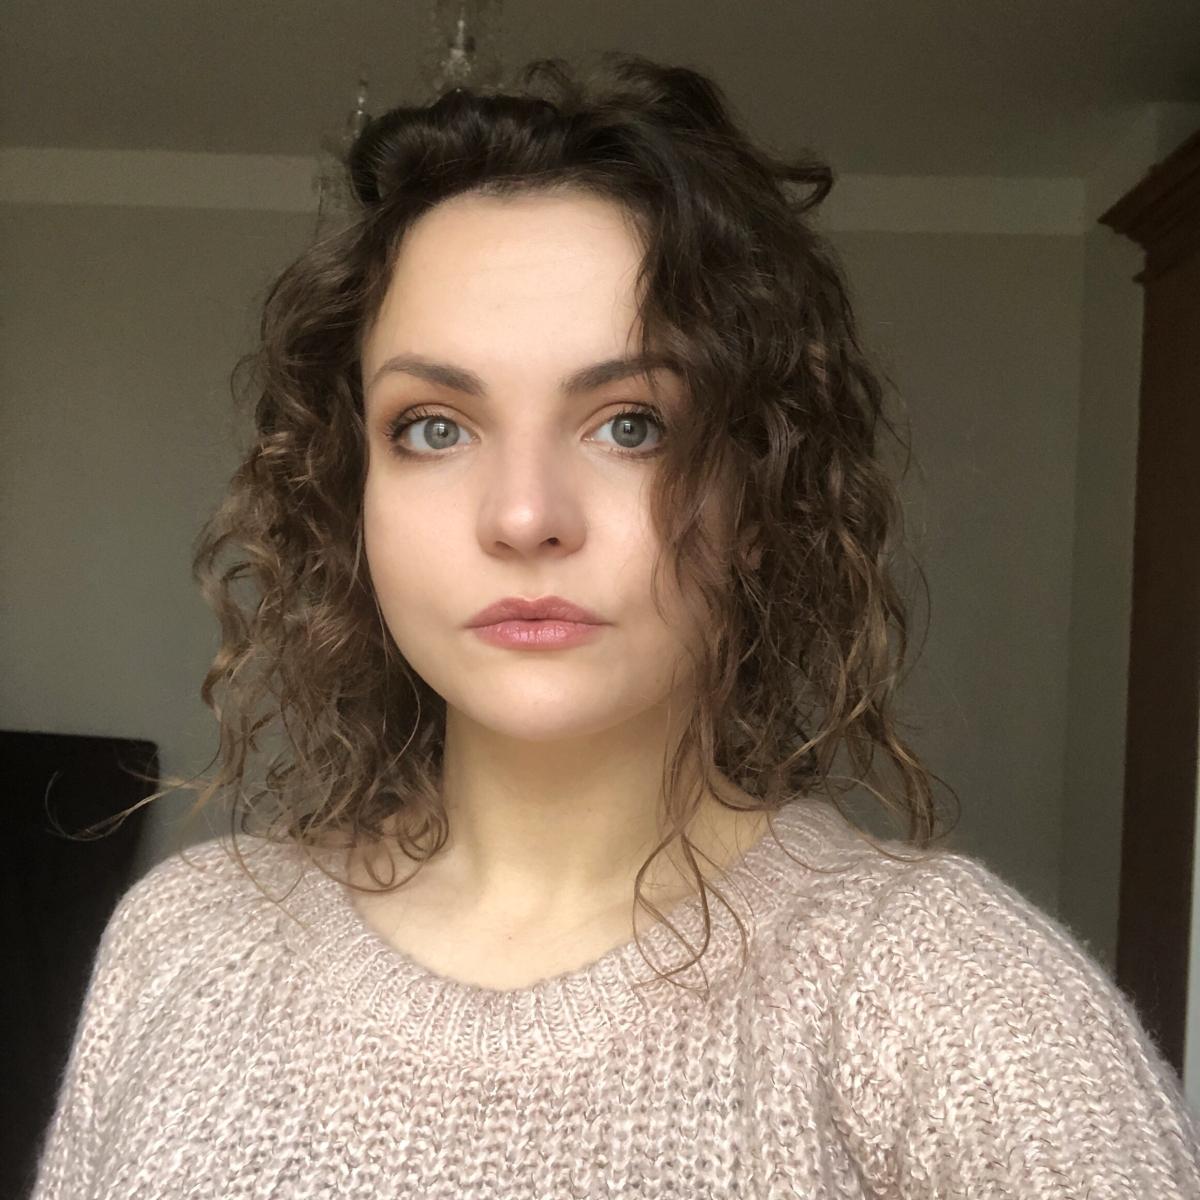 Divi mēneši ar lokainiem matiem: mana pieredze